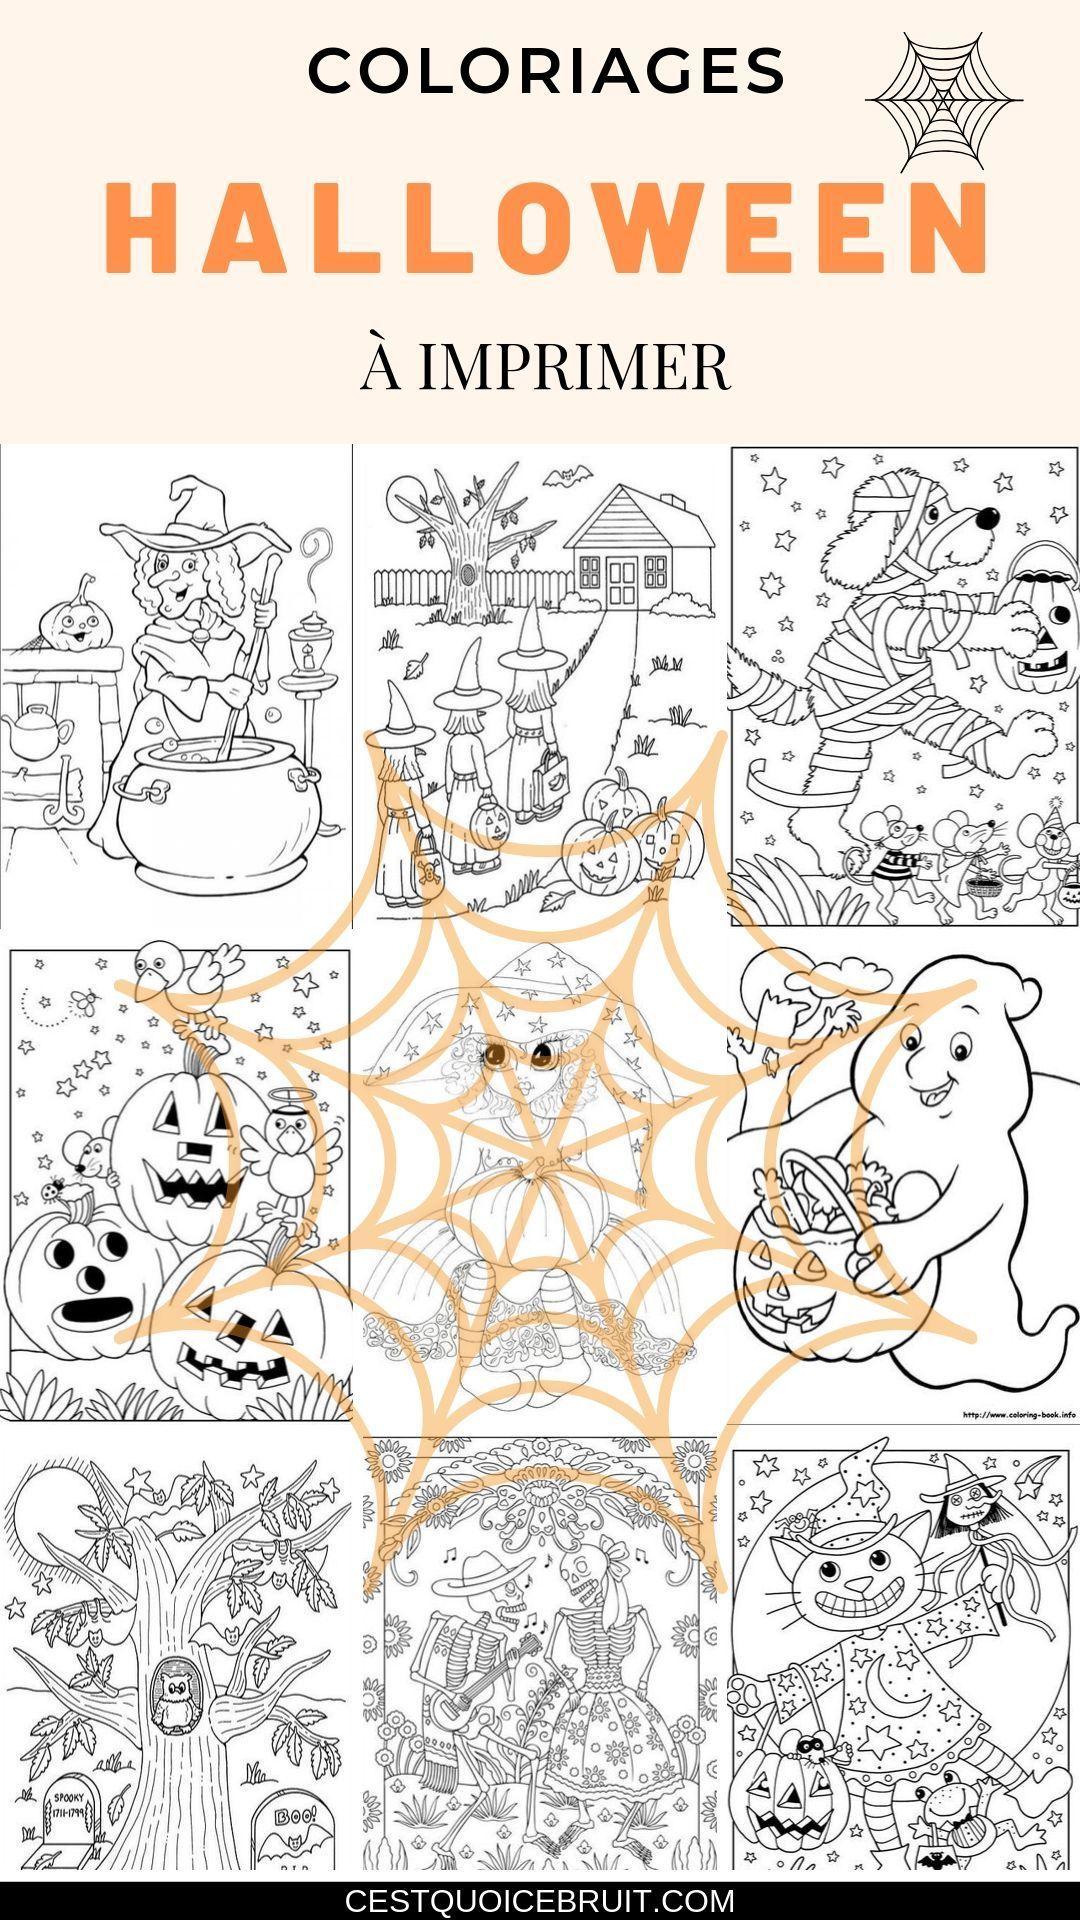 Coloriage D Halloween A Imprimer Gratuitement Coloriage Halloween A Imprimer Coloriage Halloween Coloriage